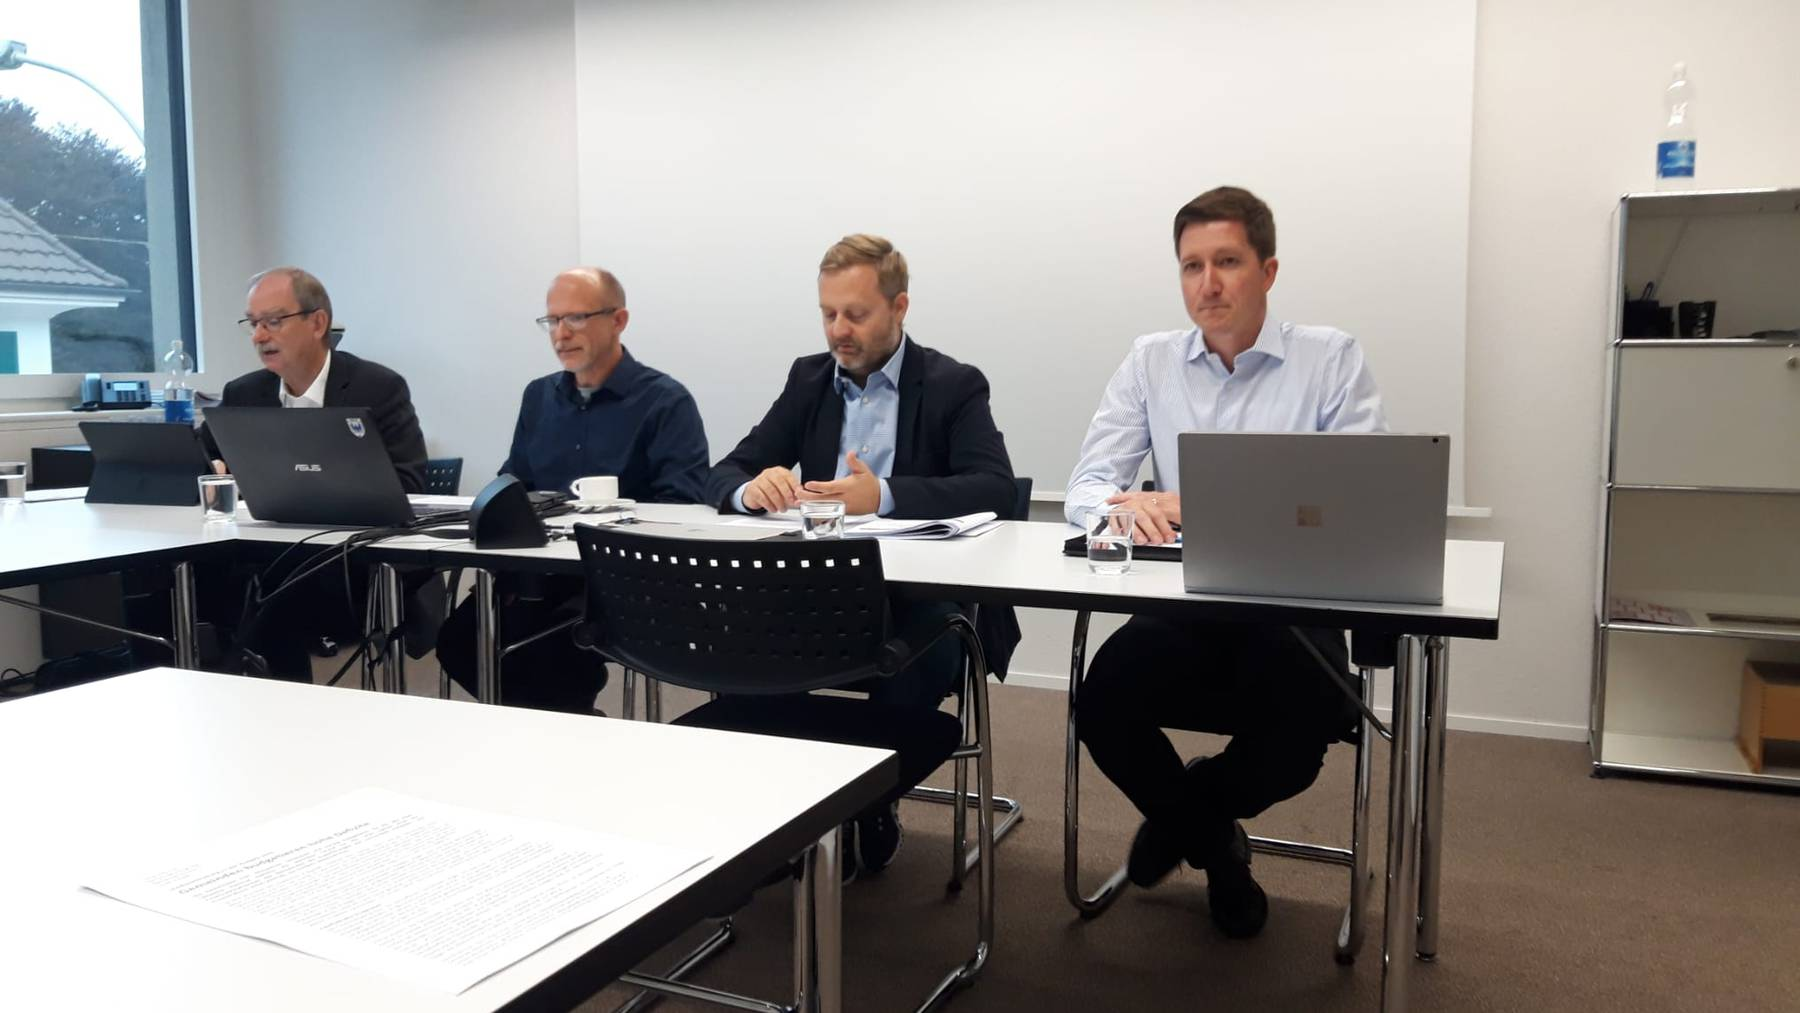 Luzerner Gemeinden rechnen mit hohem Defizit